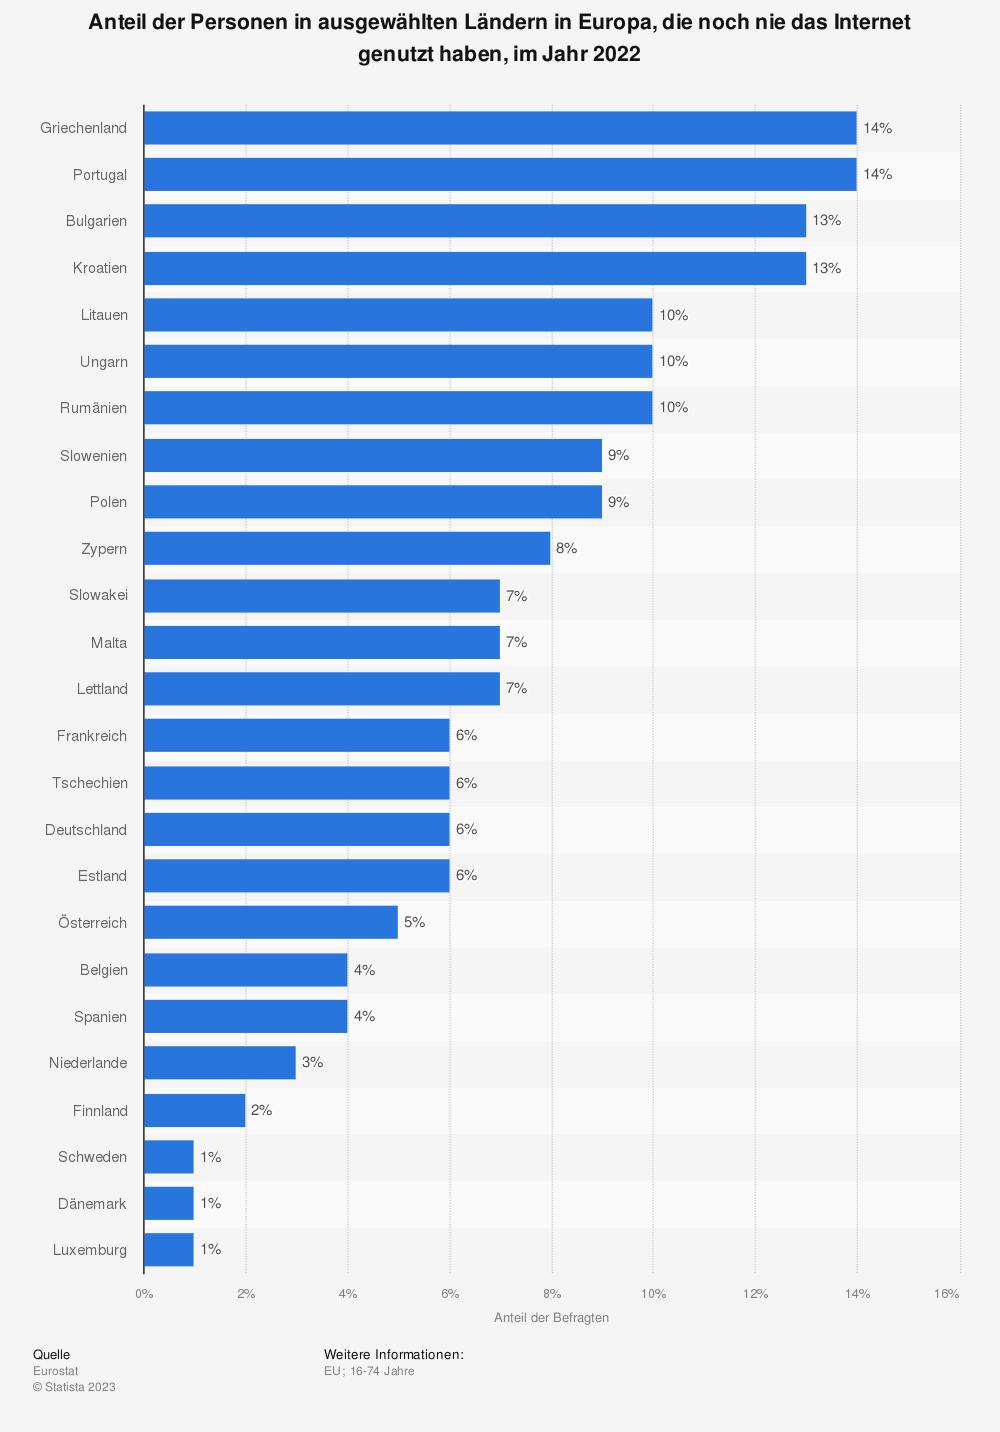 Statistik: Anteil der Personen in der Europäischen Union (EU-28), die noch nie das Internet genutzt haben, nach Ländern im Jahr 2017 | Statista